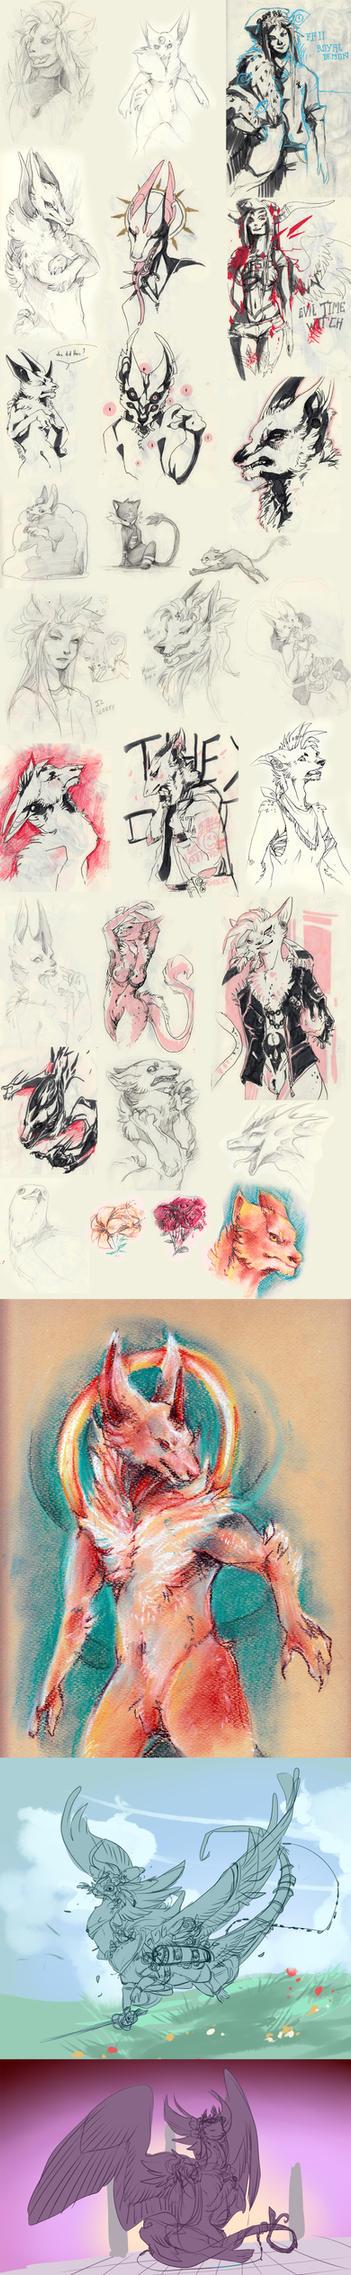 Doodle dump 7 by Ravoilie